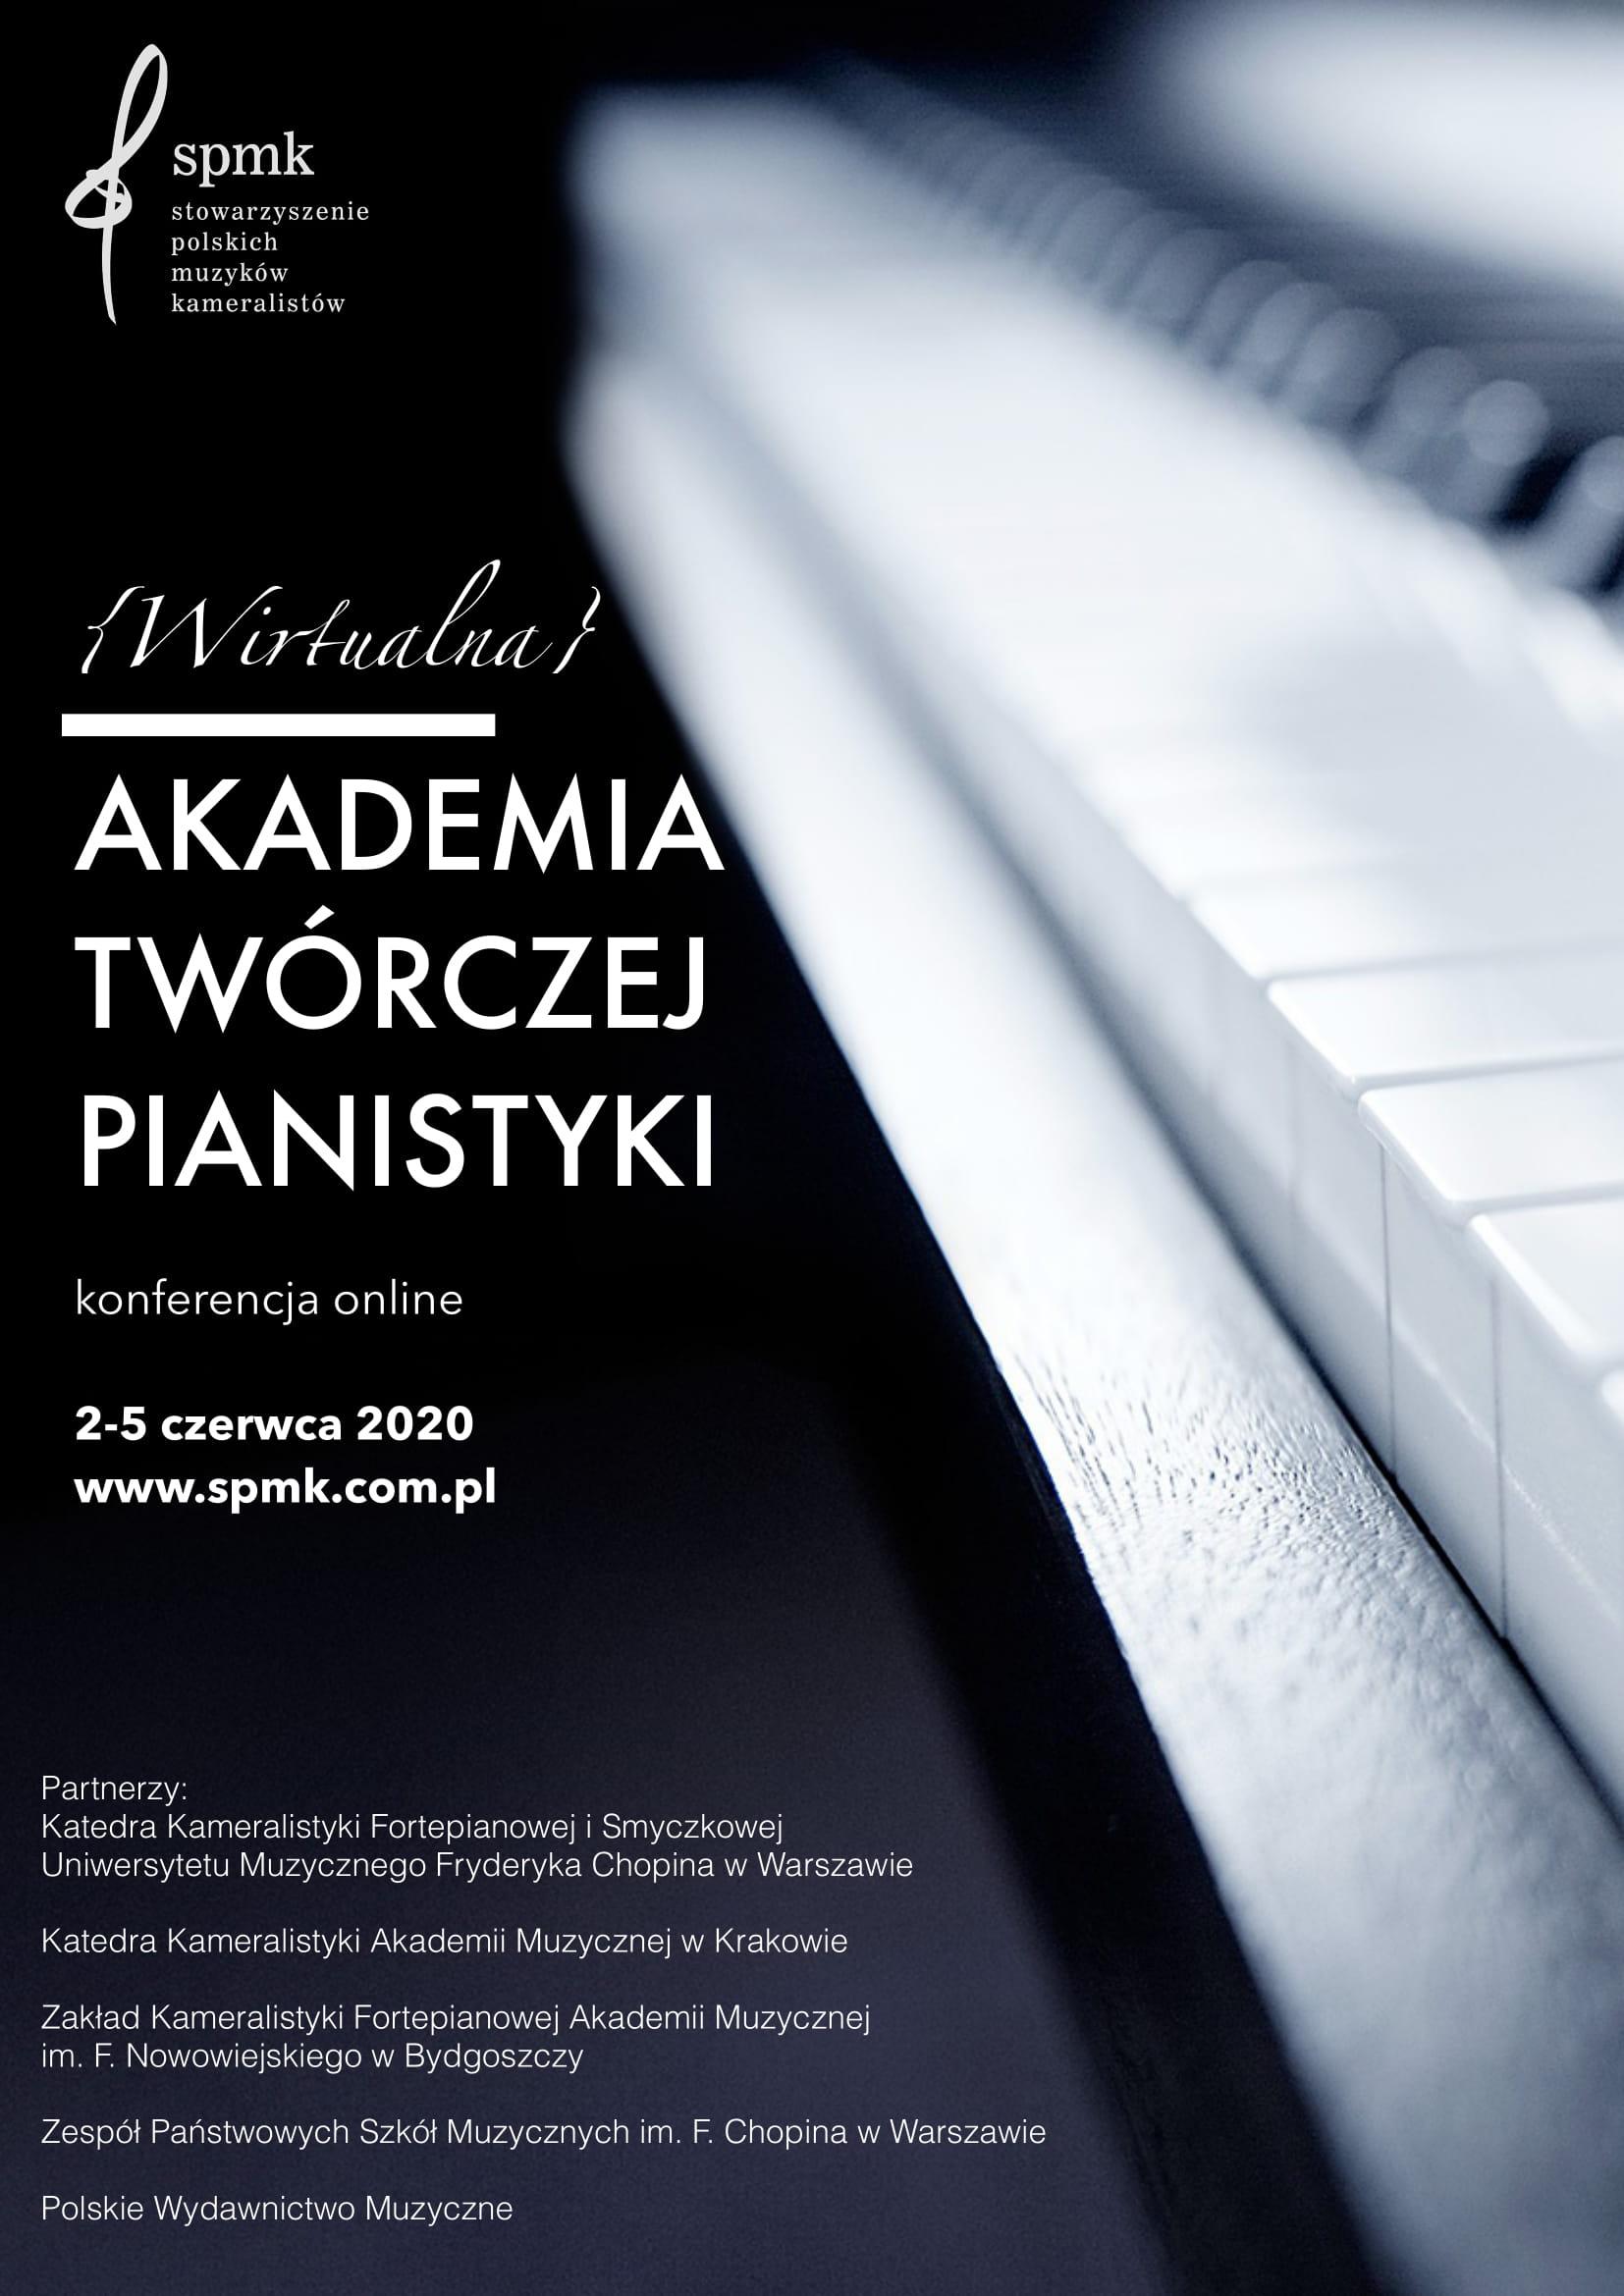 {Wirtualna} Akademia Twórczej Pianistyki